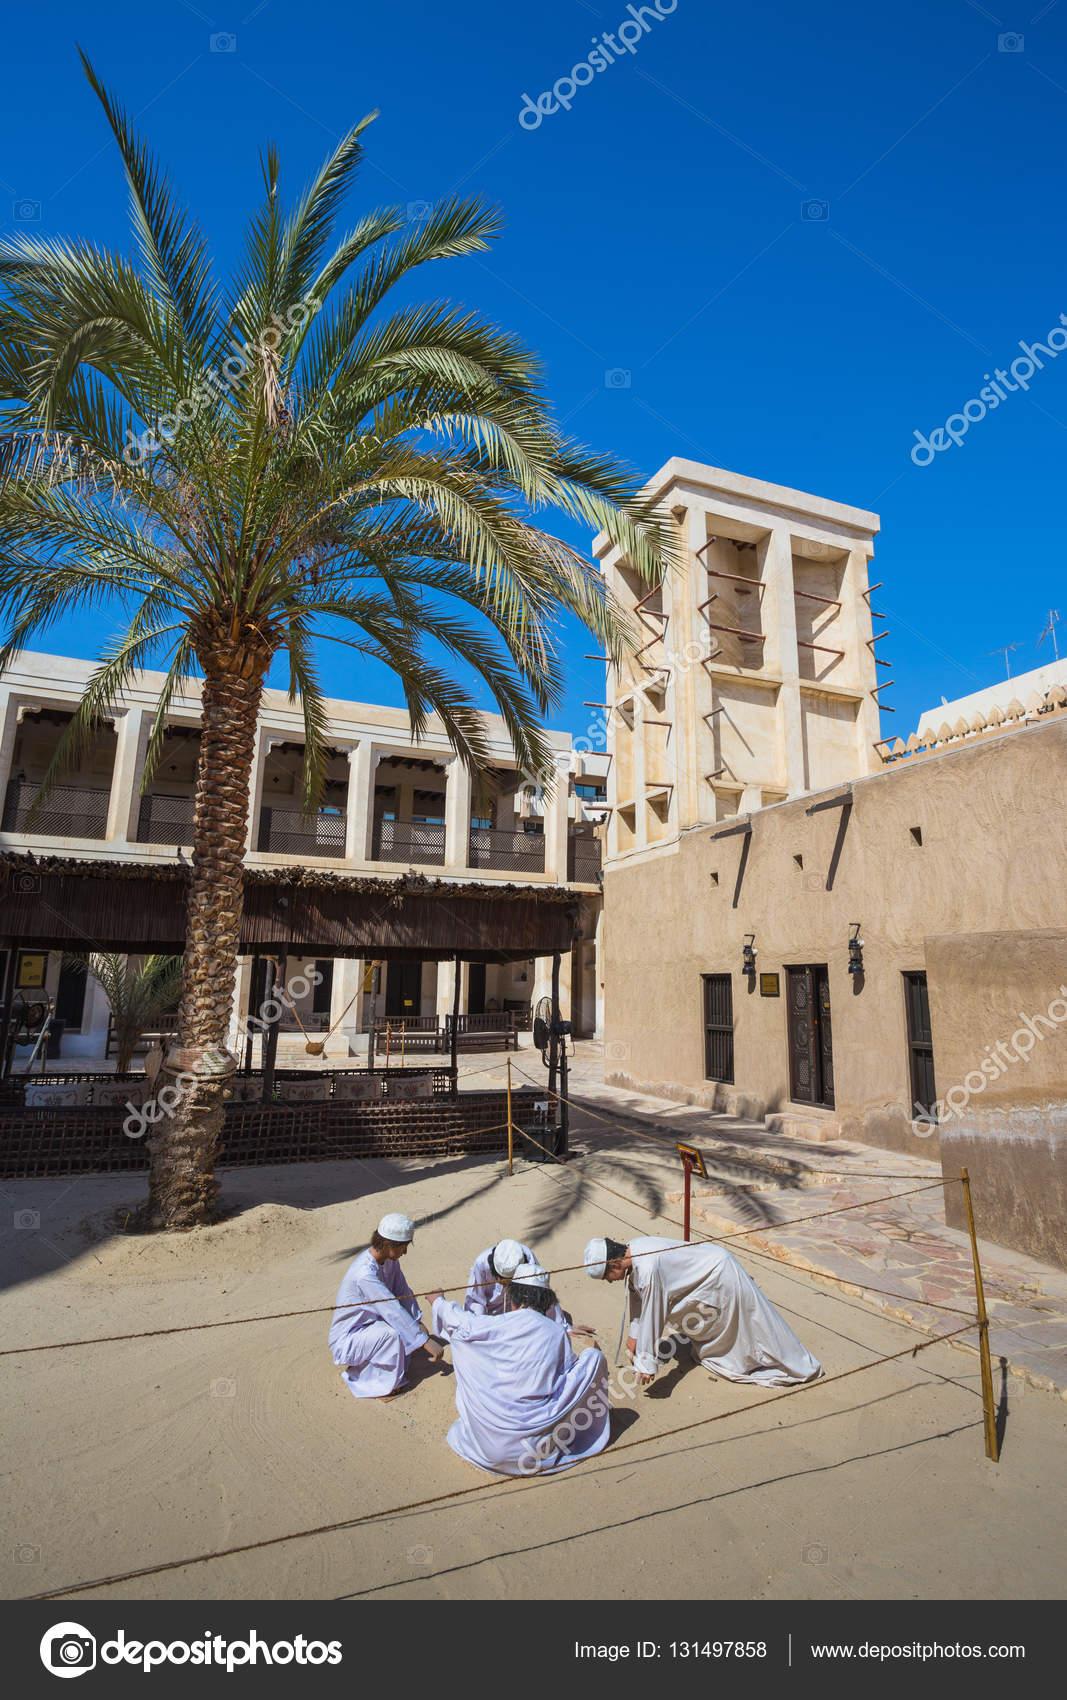 Dubaï émirats arabes unis le 9 novembre 2013 village du patrimoine cest le plus grand musée historique à dubaï image de alan64